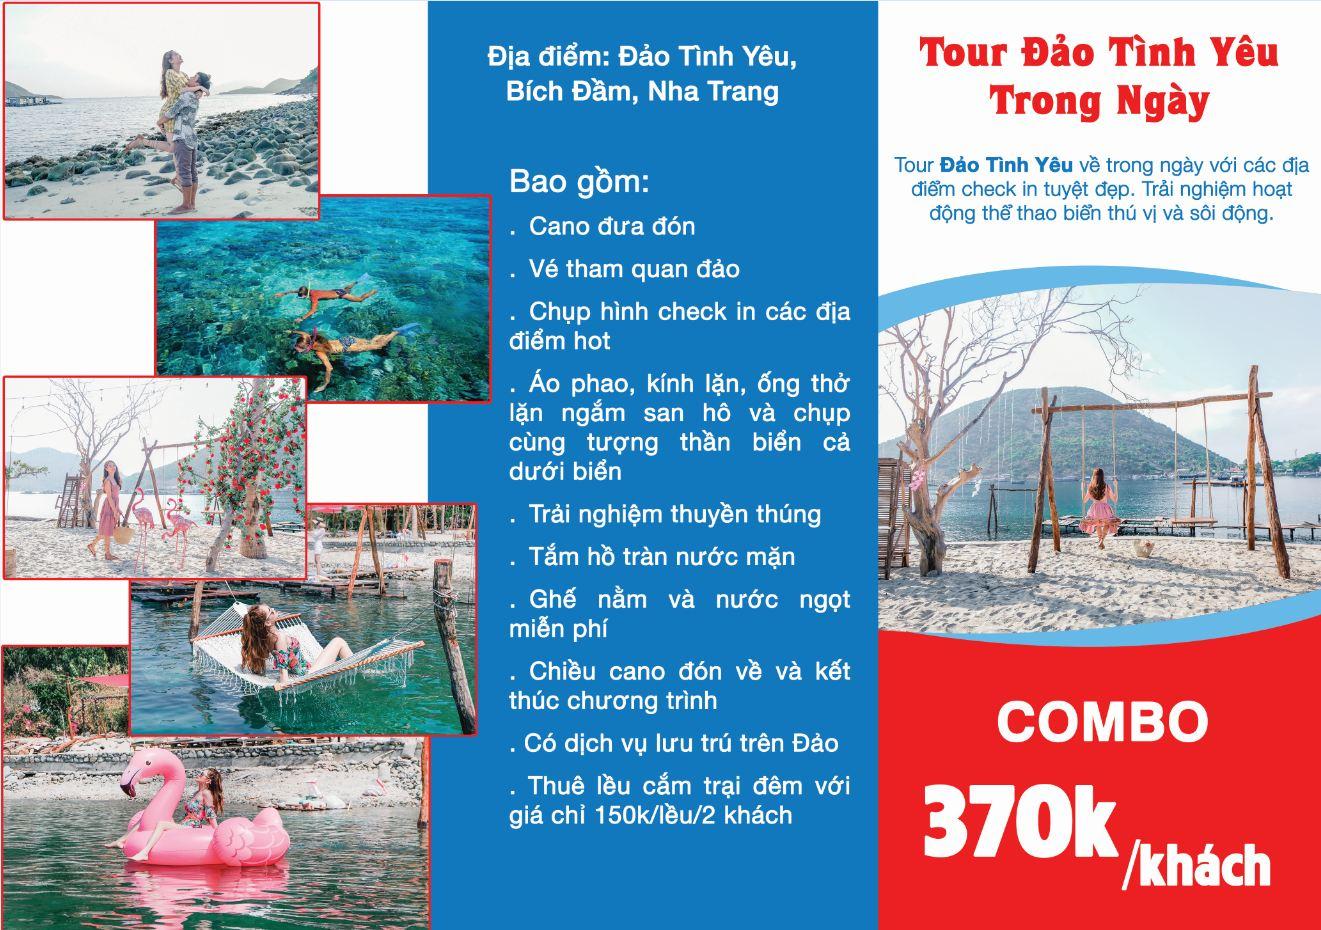 Kinh nghiệm du lịch Đảo Tình Yêu ở Nha Trang